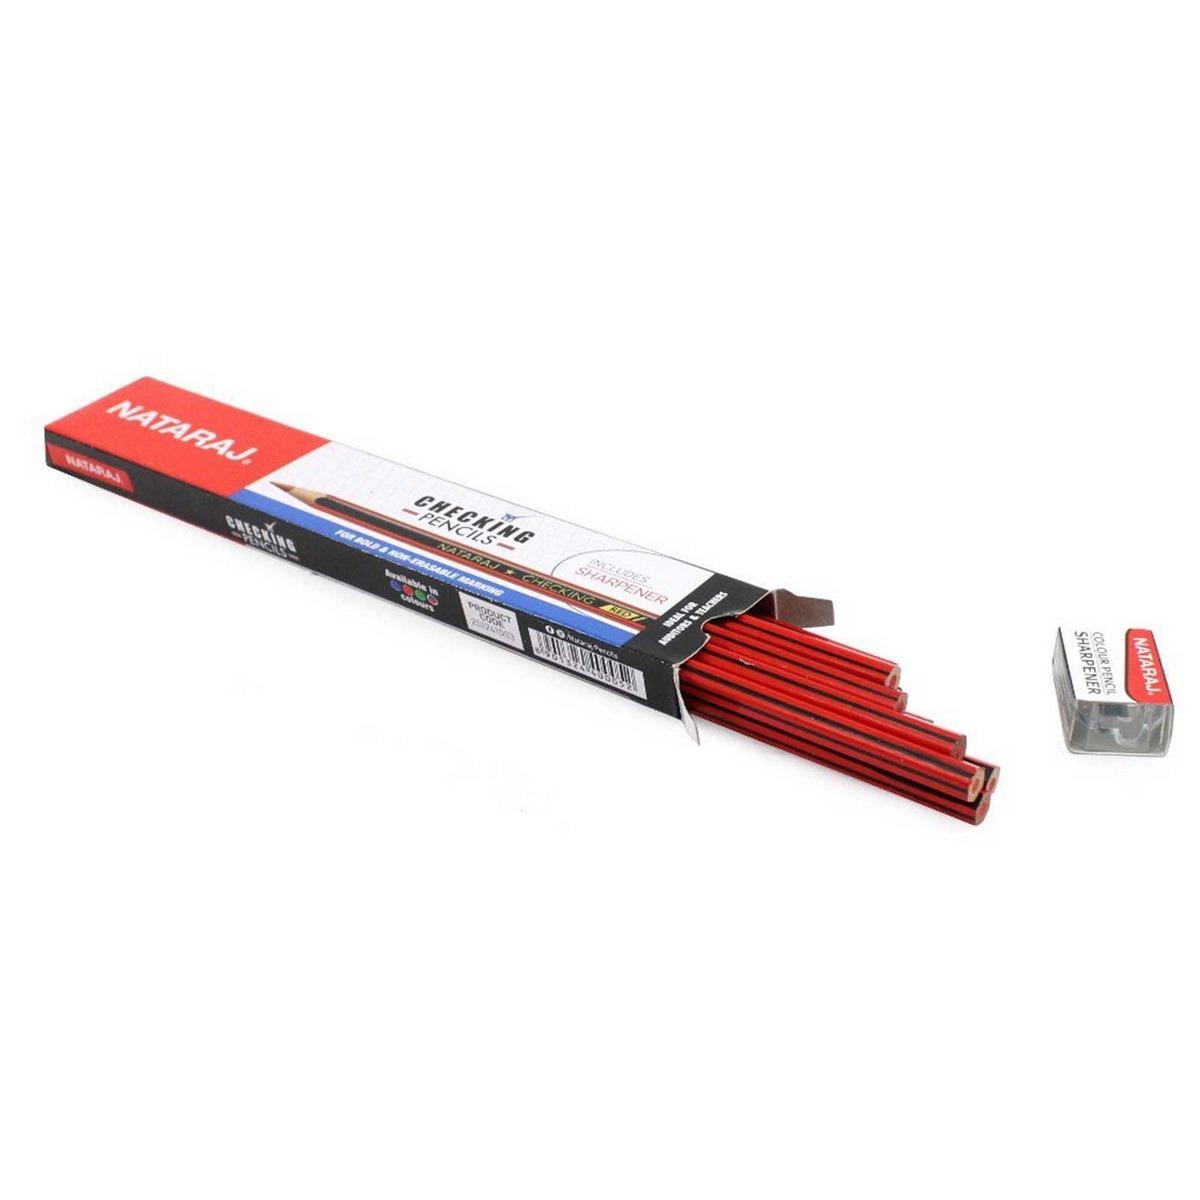 Nataraj Checking Pencils Red 201241003